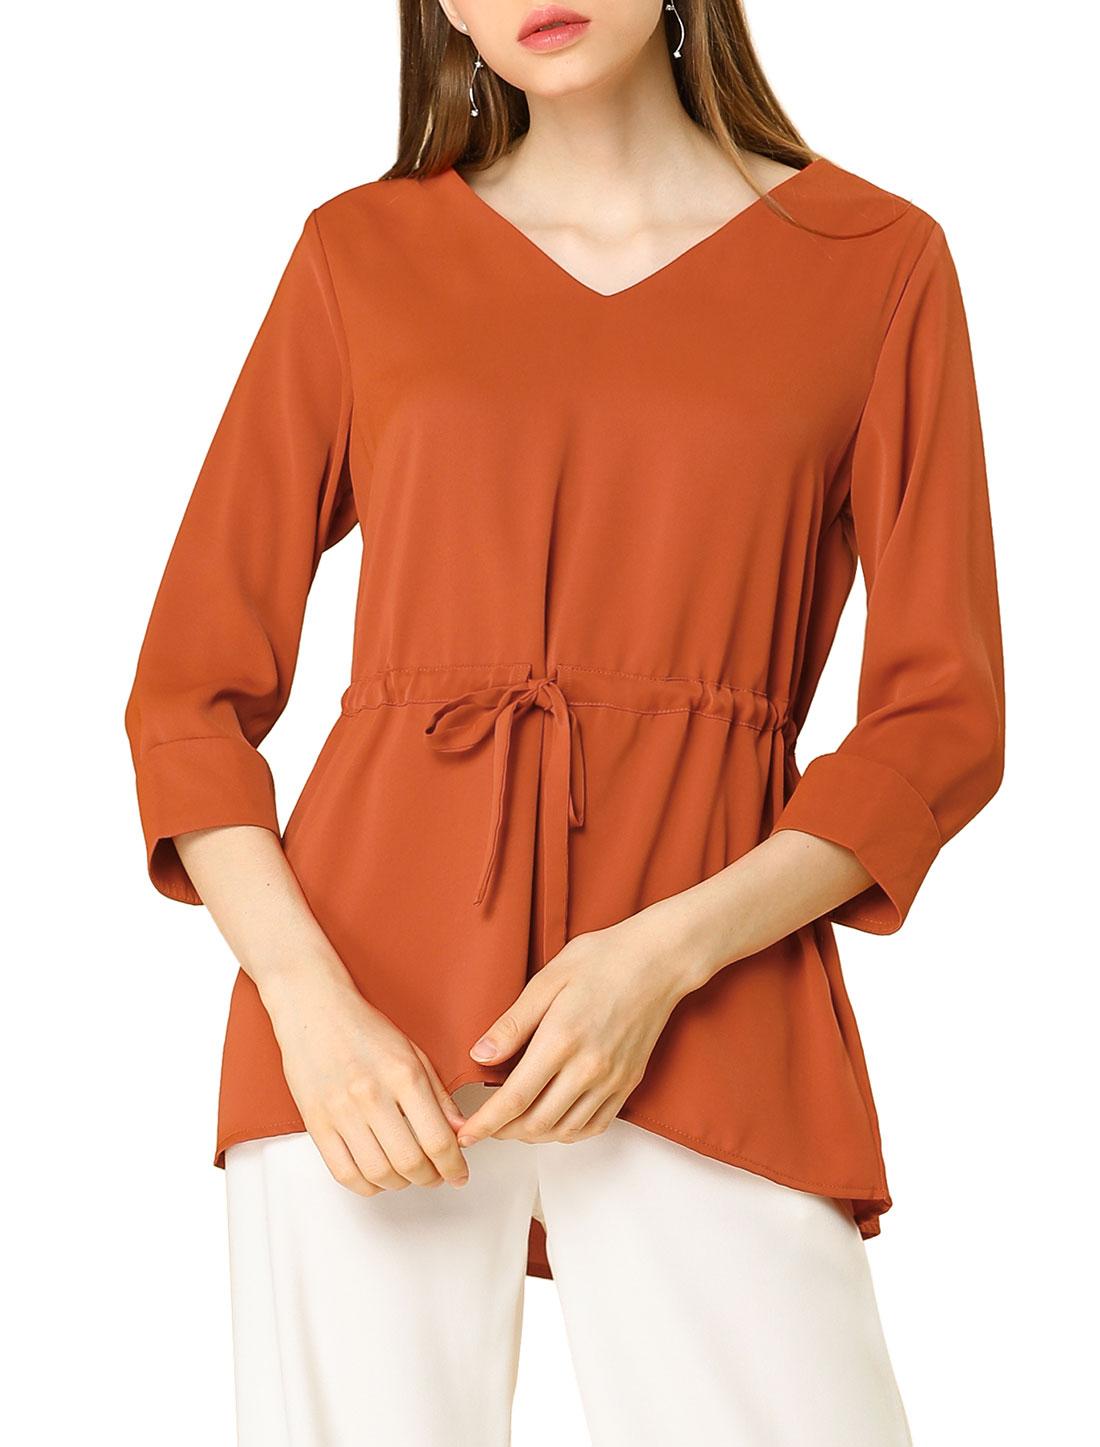 Allegra K Women's 3/4 Sleeves V Neck Peplum Top Blouse Orange XL